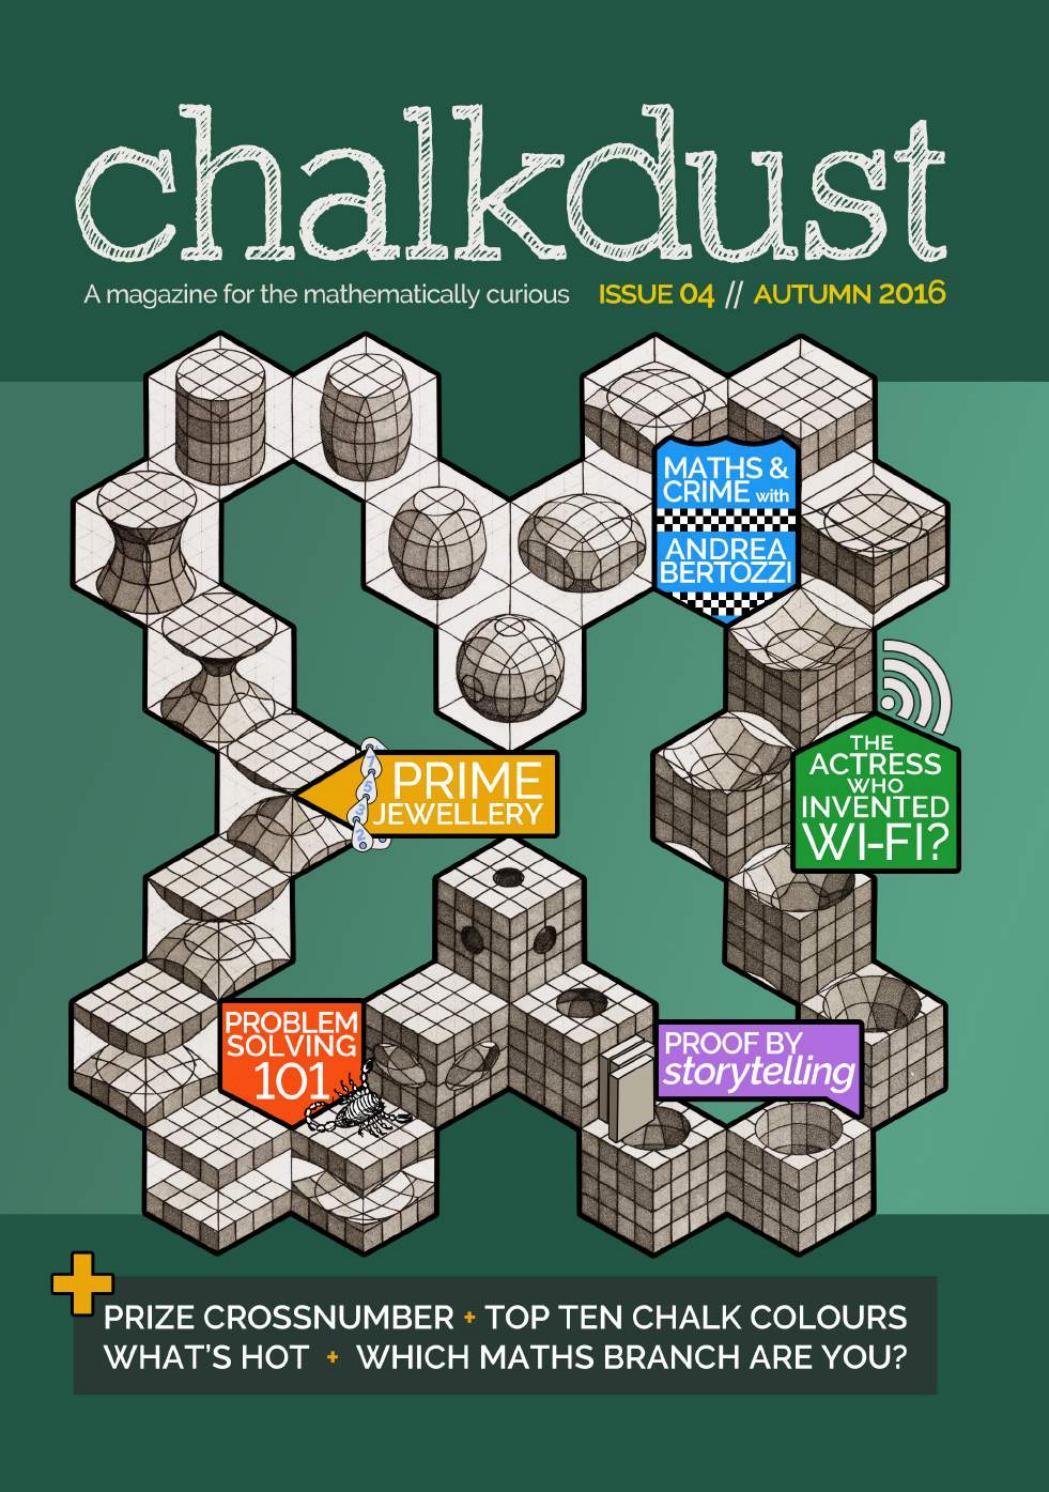 Chalkdust, Issue 04 by Chalkdust - issuu